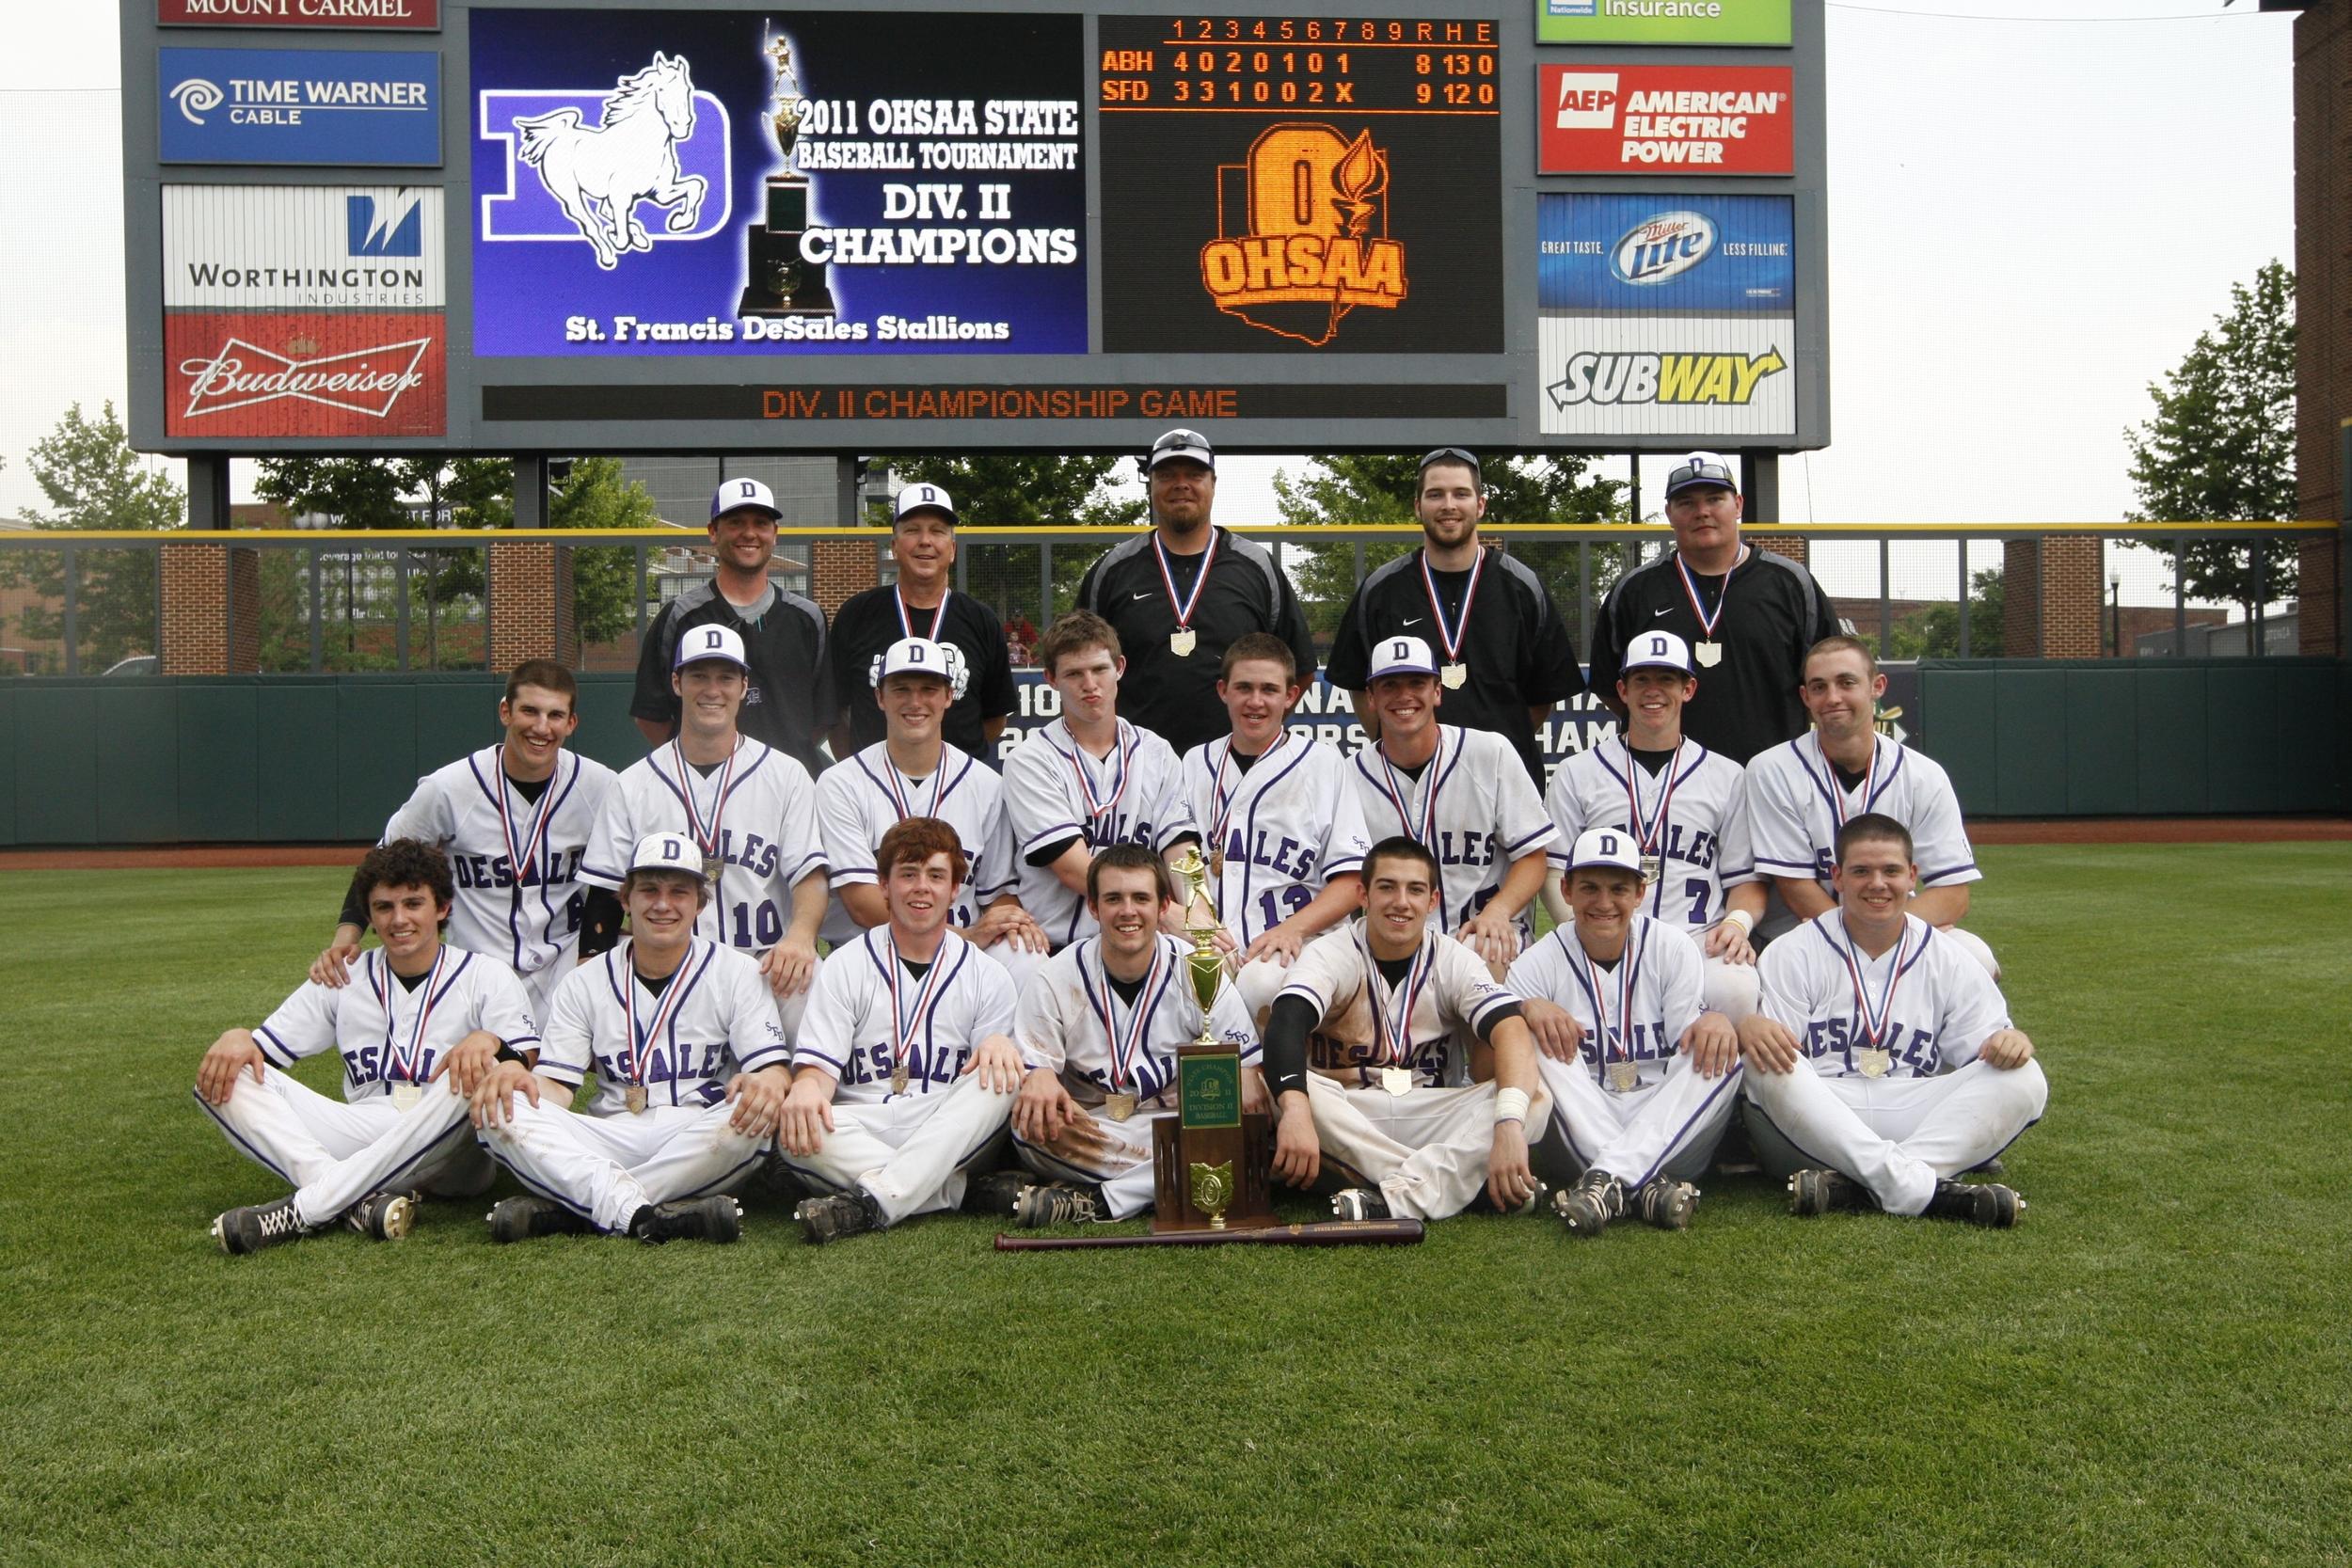 2011 STATE CHAMPIONS  Baseball